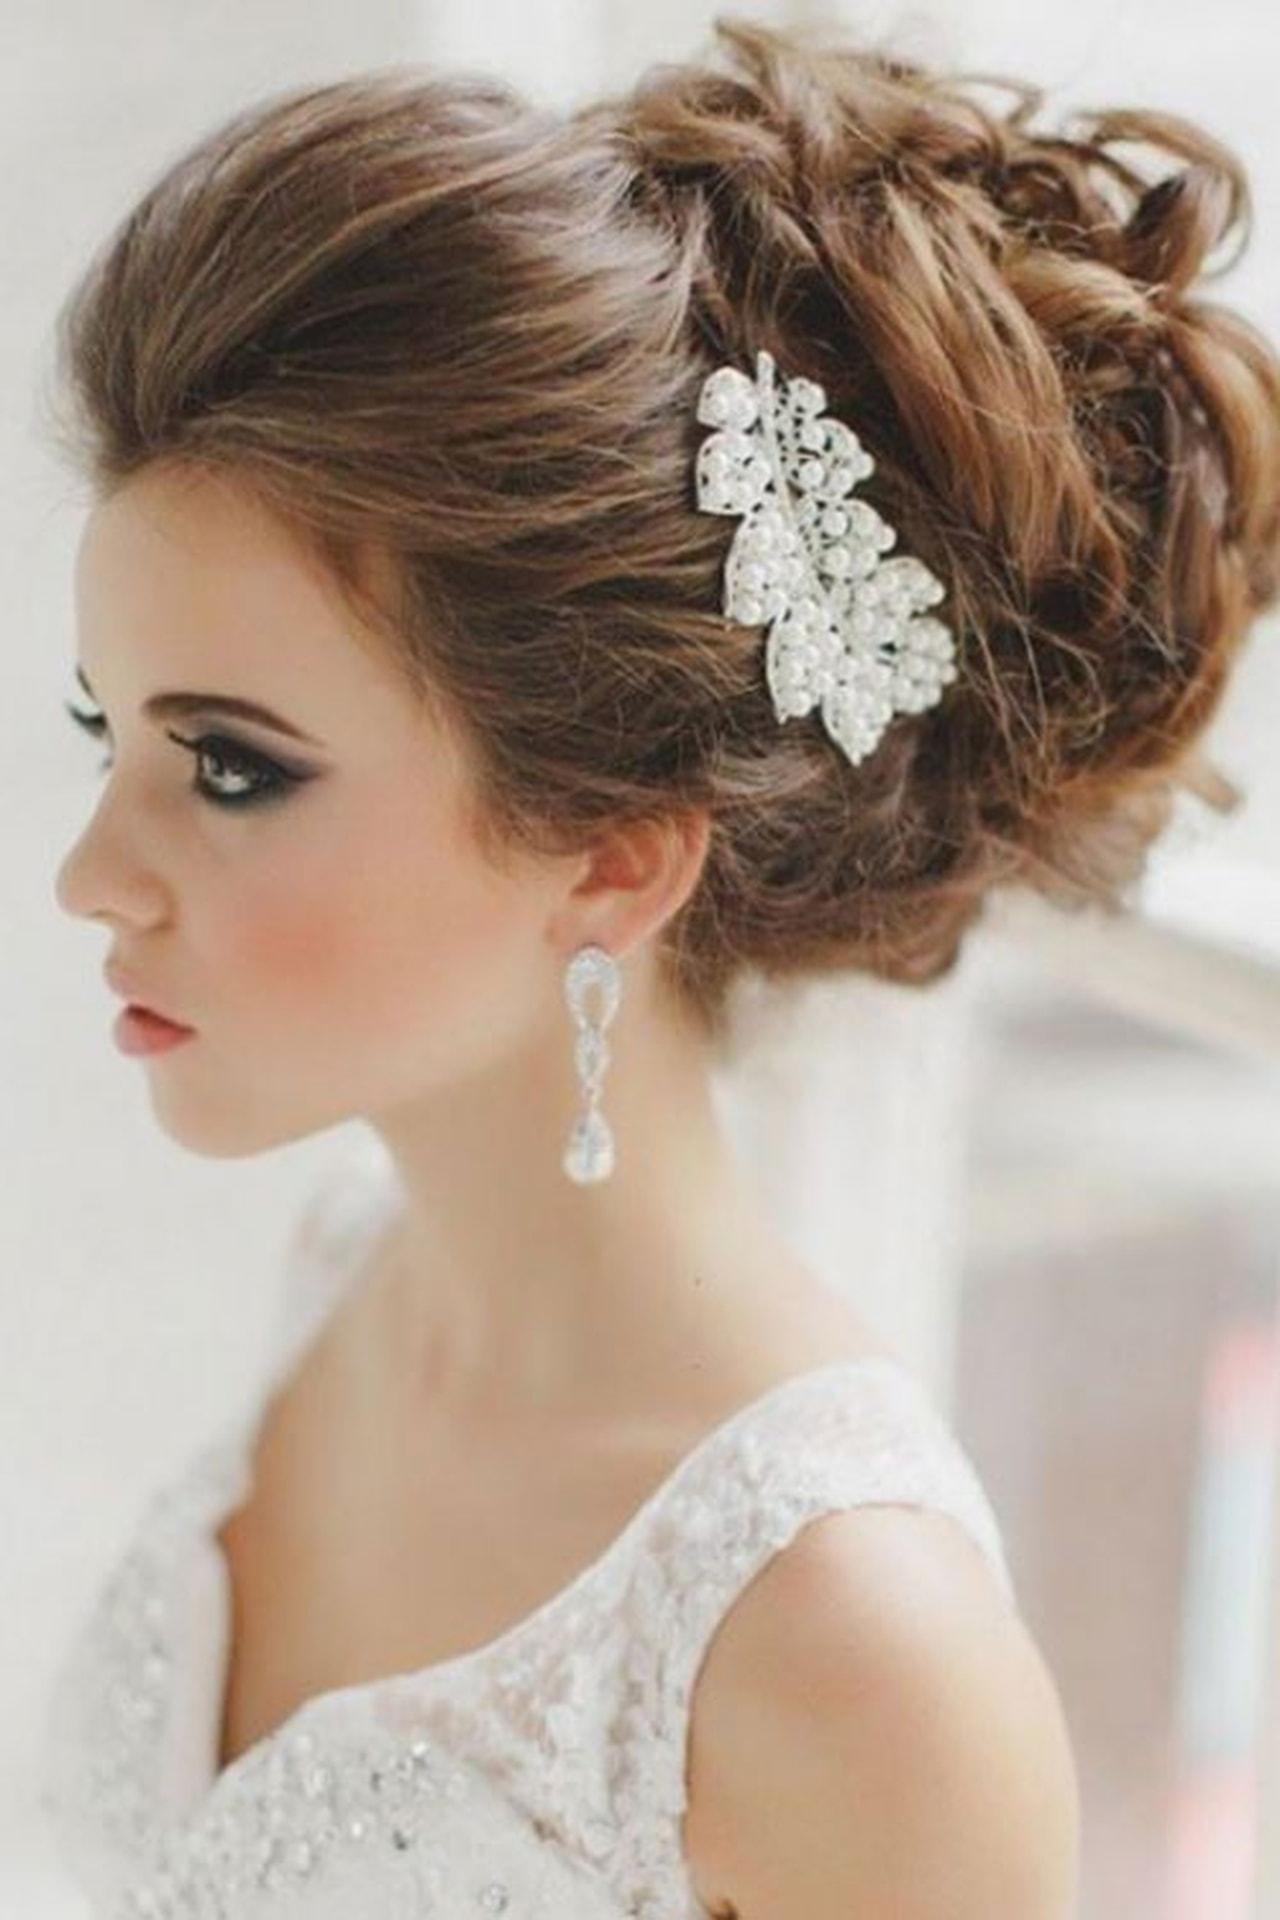 صورة اجمل تسريحات العروس , تسرحات روعة لعرائس 2020 9379 8